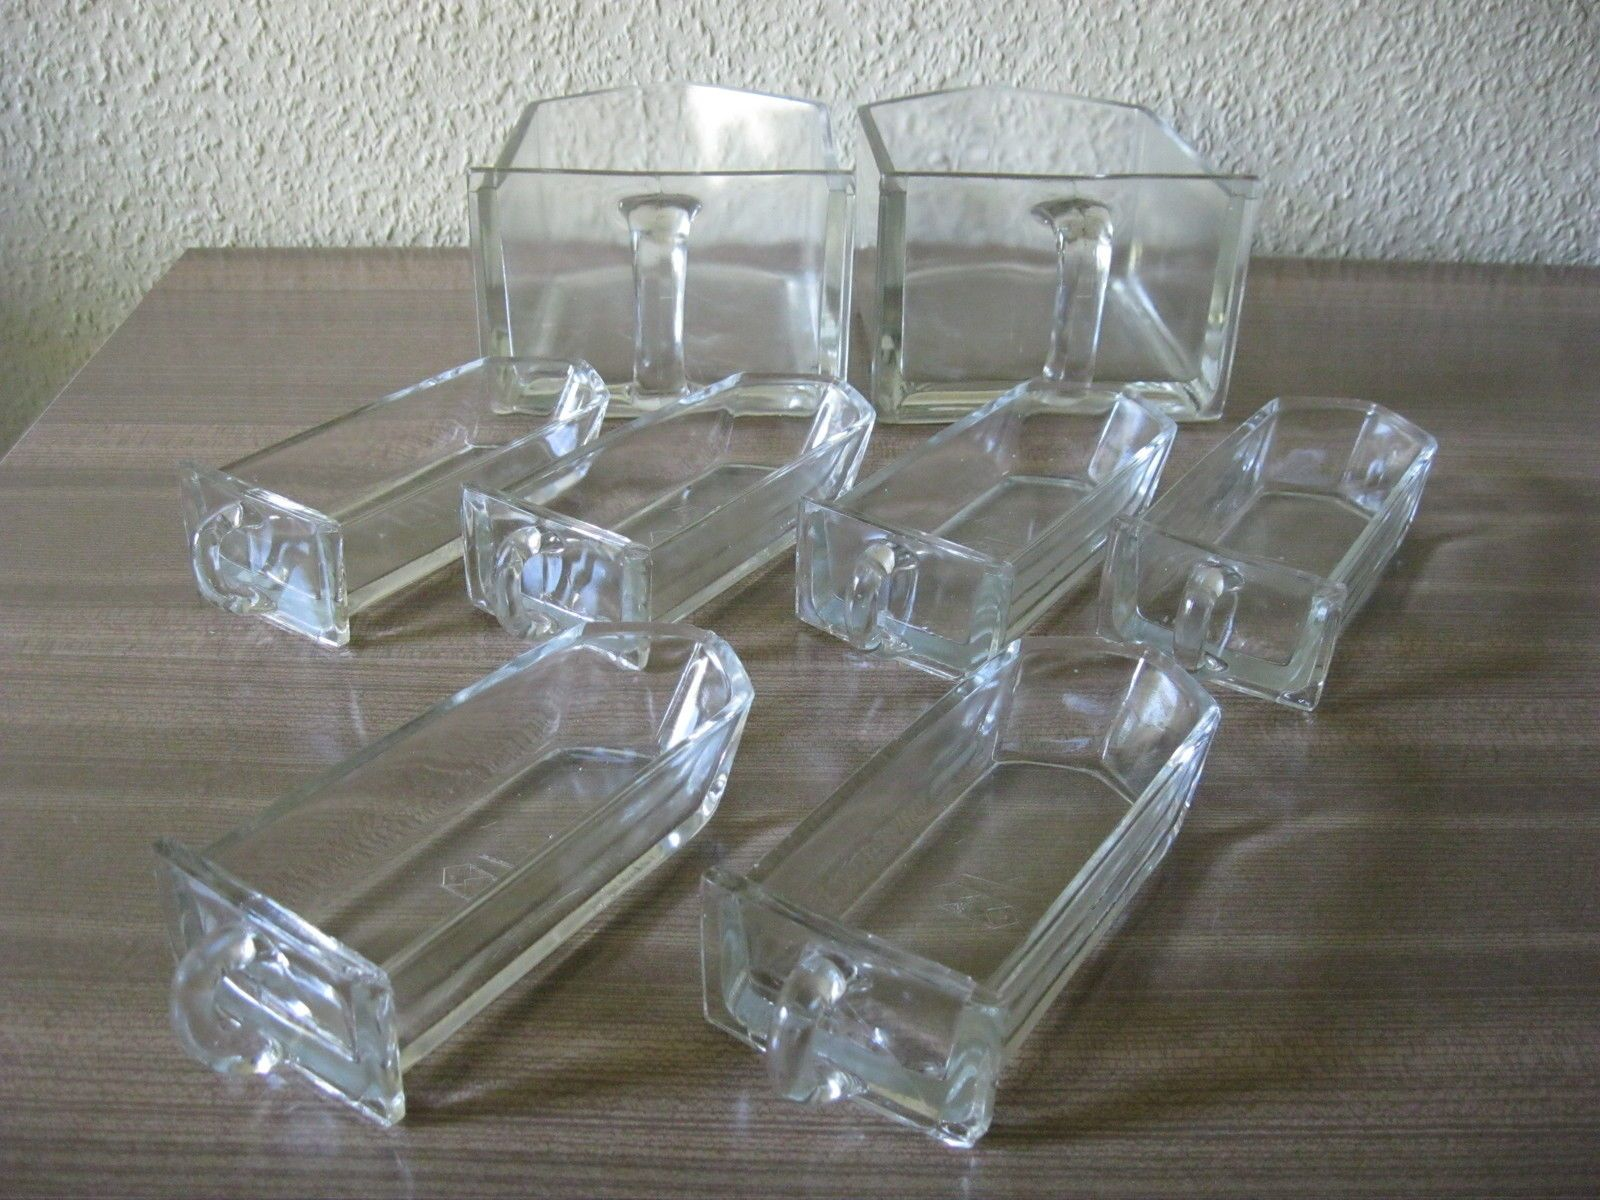 Bauhaus Küchenarbeitsplatte ~ 8 x schütte glas vlg monopol rautenglas 30er jahre wagenfeld Ära